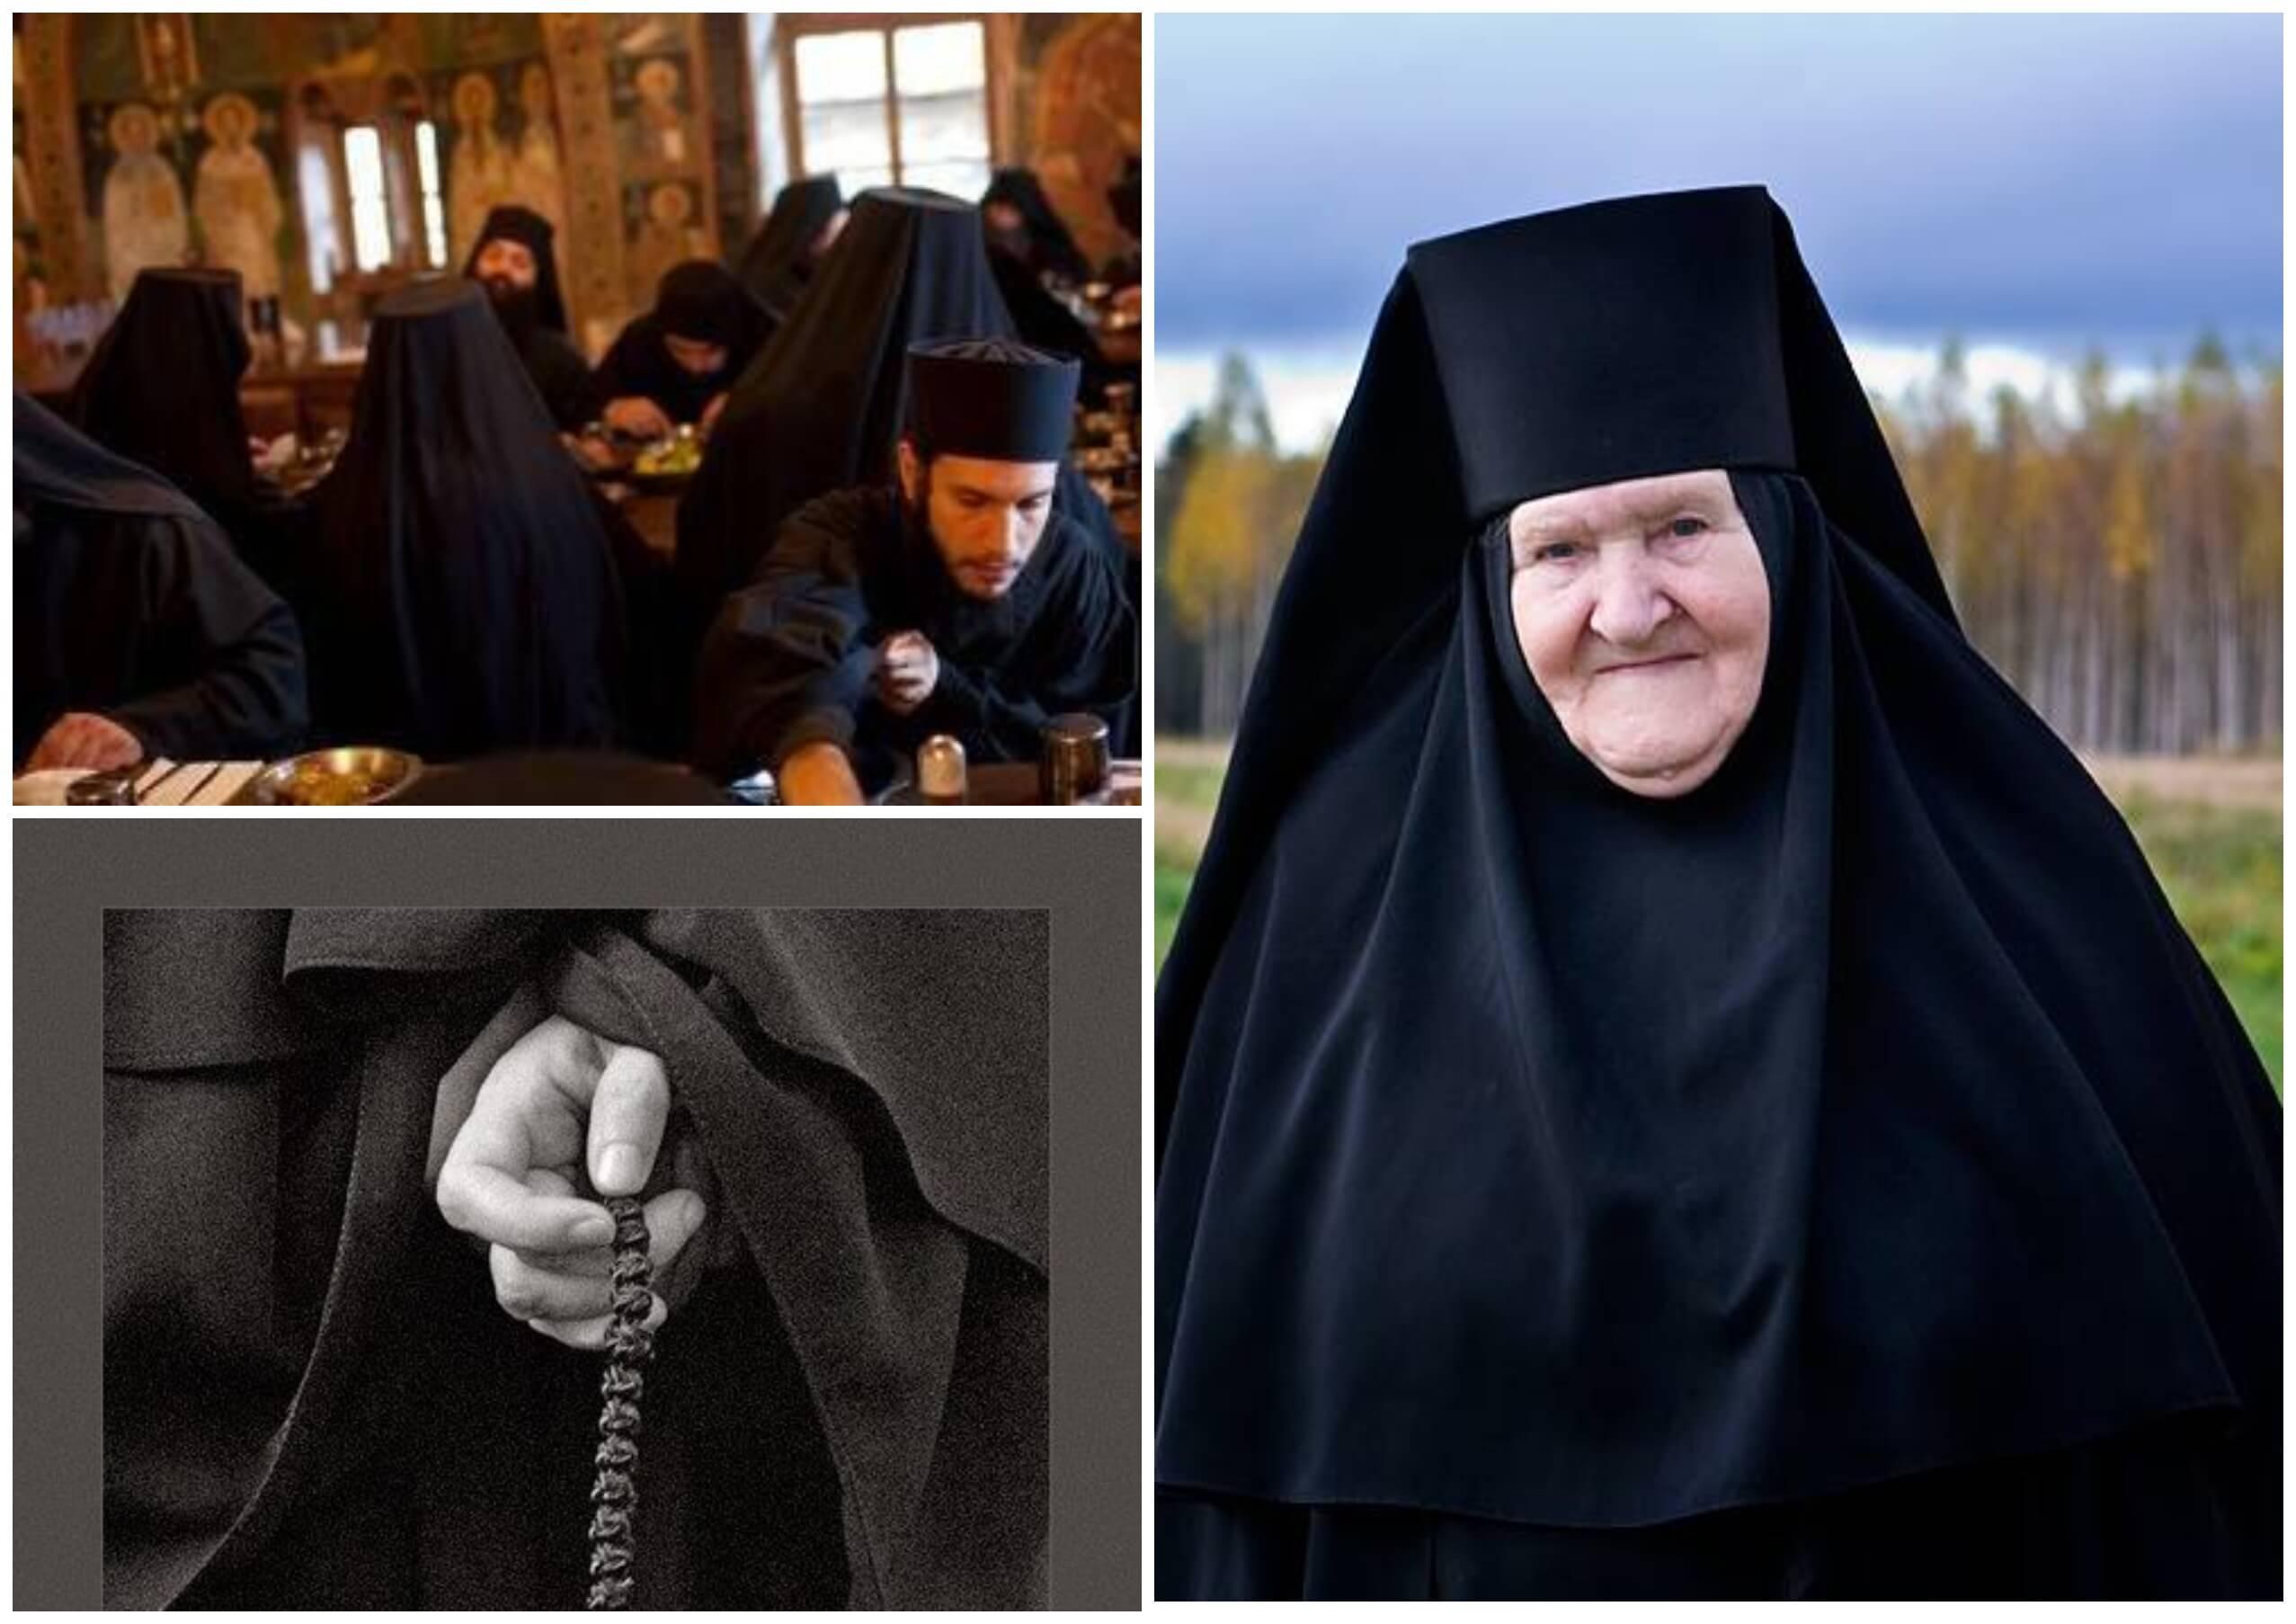 На фото изображена монашка и трапеза монахов.